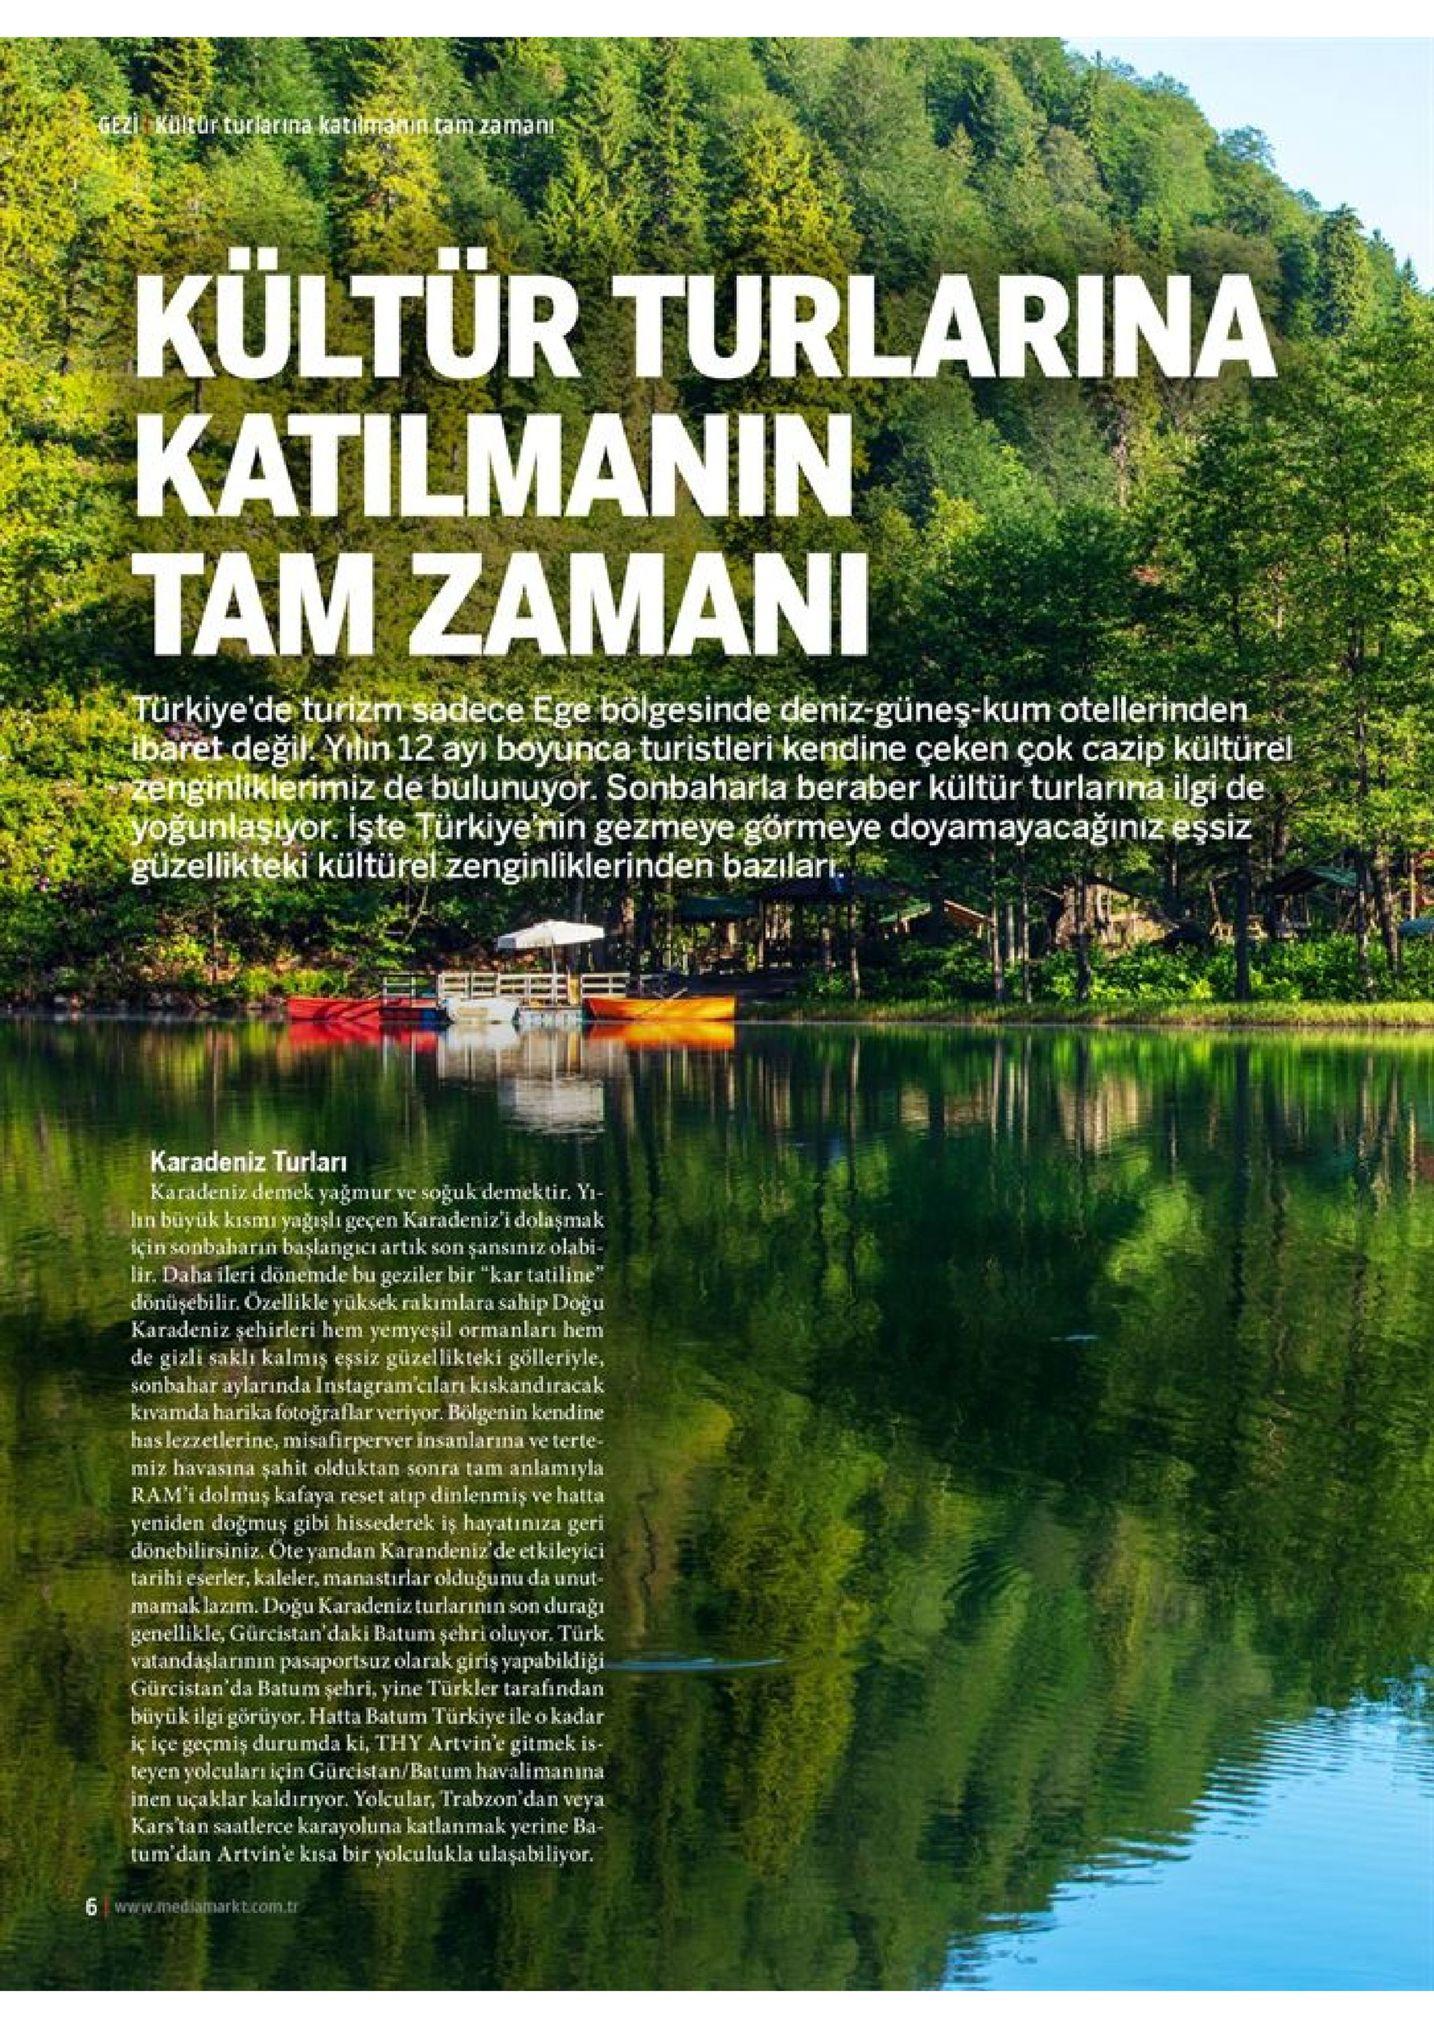 """gezi kuleor turlarina katılmanin.tam zaman kültür turlarina katilmanin tam zamani turkiye'de turizm sadece ege bolgesinde deniz-güneş-kum otellerinden. ibaret değil. yitin 12 ayı boyunca turistleri kendine çeken çok cazip kültürel zenginliklerimiz de bulunuyor. sonbaharla beraber kültür turlanna ilgi de yoğunlaşıyor işte türkiyenin gezmeye görmeye doyamayacağınız eşsiz güzellikteki kültürel zenginliklerinden bazılari karadeniz turları karadeniz demek yağmur ve soğuk demektir. yi lin buyük kısmı yağışlı geçen karadeniz'i dolaşmak için sonbaharin başlangicı artık son şansıniz olabi- lir. daha ileri donemde bu geziler bir """"kar tatiline"""" donüşebilir. ozellikle yüksek rakımlara sahip doğu karadeniz şehirleri hem yemyeşil ormanları hem de gizli sakli kalmiş essiz güzellikteki gölleriyle, sonbahar aylarında instagram'ciları kıskandıracak kivamda harika fotoğraflar veriyor. bölgenin kendine has lezzetlerine, misafirperver insanlarına ve terte- miz havasına şahit olduktan sonra tam anlamıyla ram'i dolmuş kafaya reset atip dinlenmiş ve hatta yeniden doğmuş gibi hissederek is hayatınıza geri donebilirsiniz. öte yandan karandeniz'de etkileyici tarihi eserler, kaleler, manastirlar olduğunu da unut mamaklazım. doğu karadenizturlarının son genellikle, gürcistan'daki batum şehri oluyor. türk vatandaşlarının pasaportsuz olarak giriş yapabildiği. gürcistan'da batum şehri, yine turkler tarafindan büyük ilgi görüyor. hatta batum türkiye ile o kadar iç içe geçmiş durumda ki, thy artvin'e gitmek is- teyen yolcuları için gürcistan/batum havalimanına inen uçaklar kaldırıyor. yolcular, trabzon'dan veya kars'tan saatlerce karayoluna katlanmak yerine ba- tum'dan artvin'e kisa bir yolculukla ulaşabiliyor. duraği 6 www.mediamarkt.com.tr"""